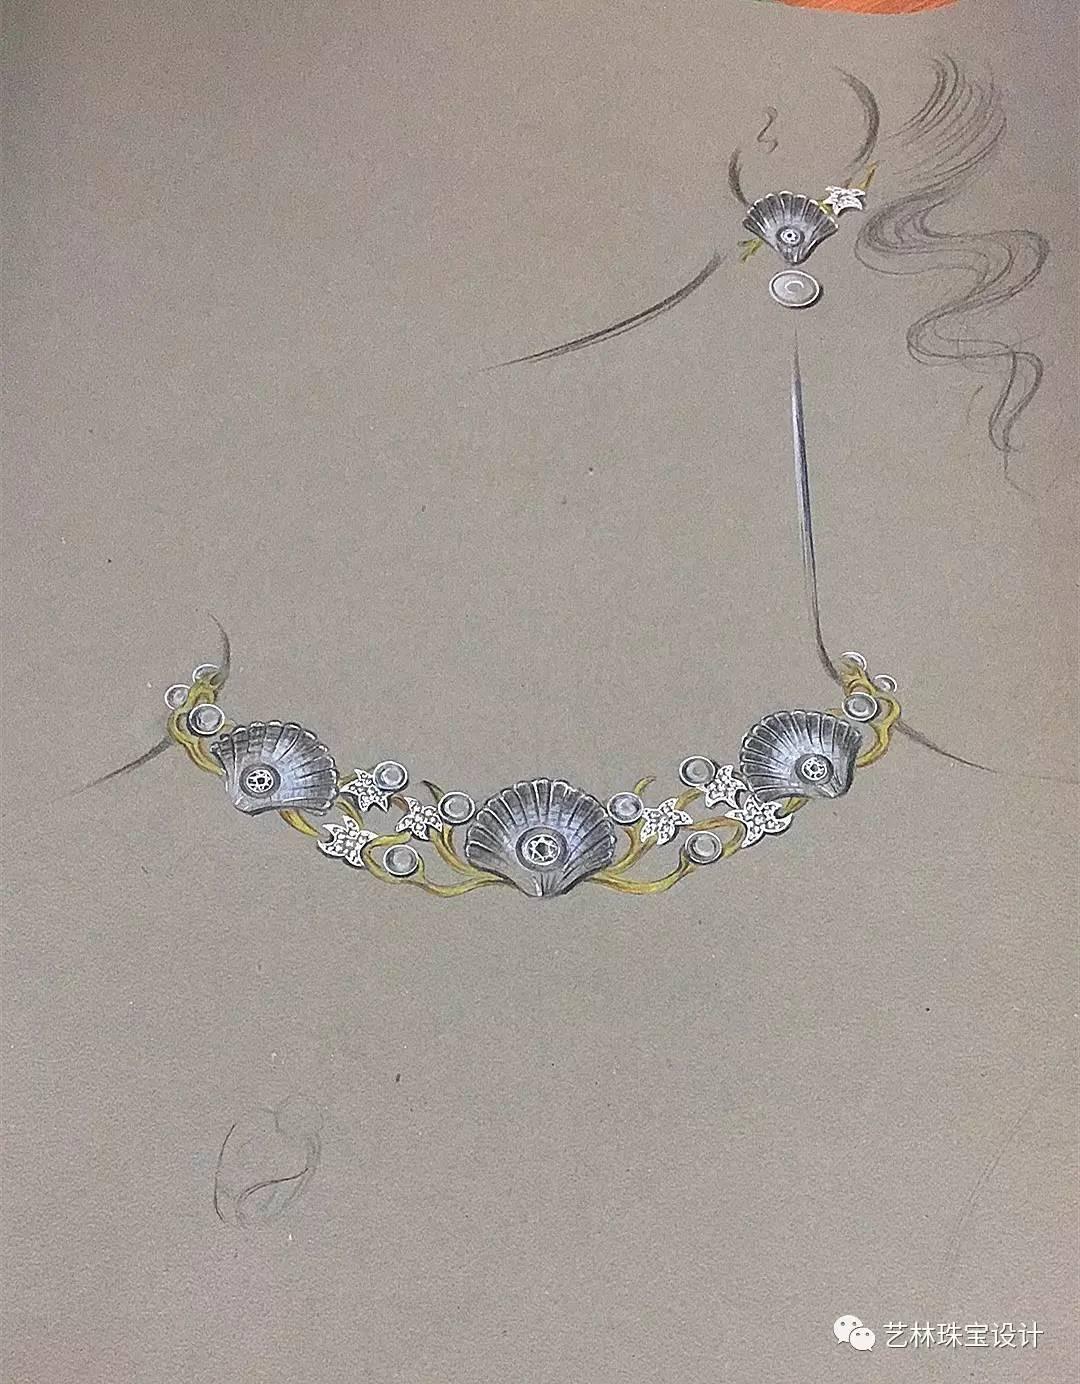 除了美,这珠宝彩铅教程主要传递的是细节!